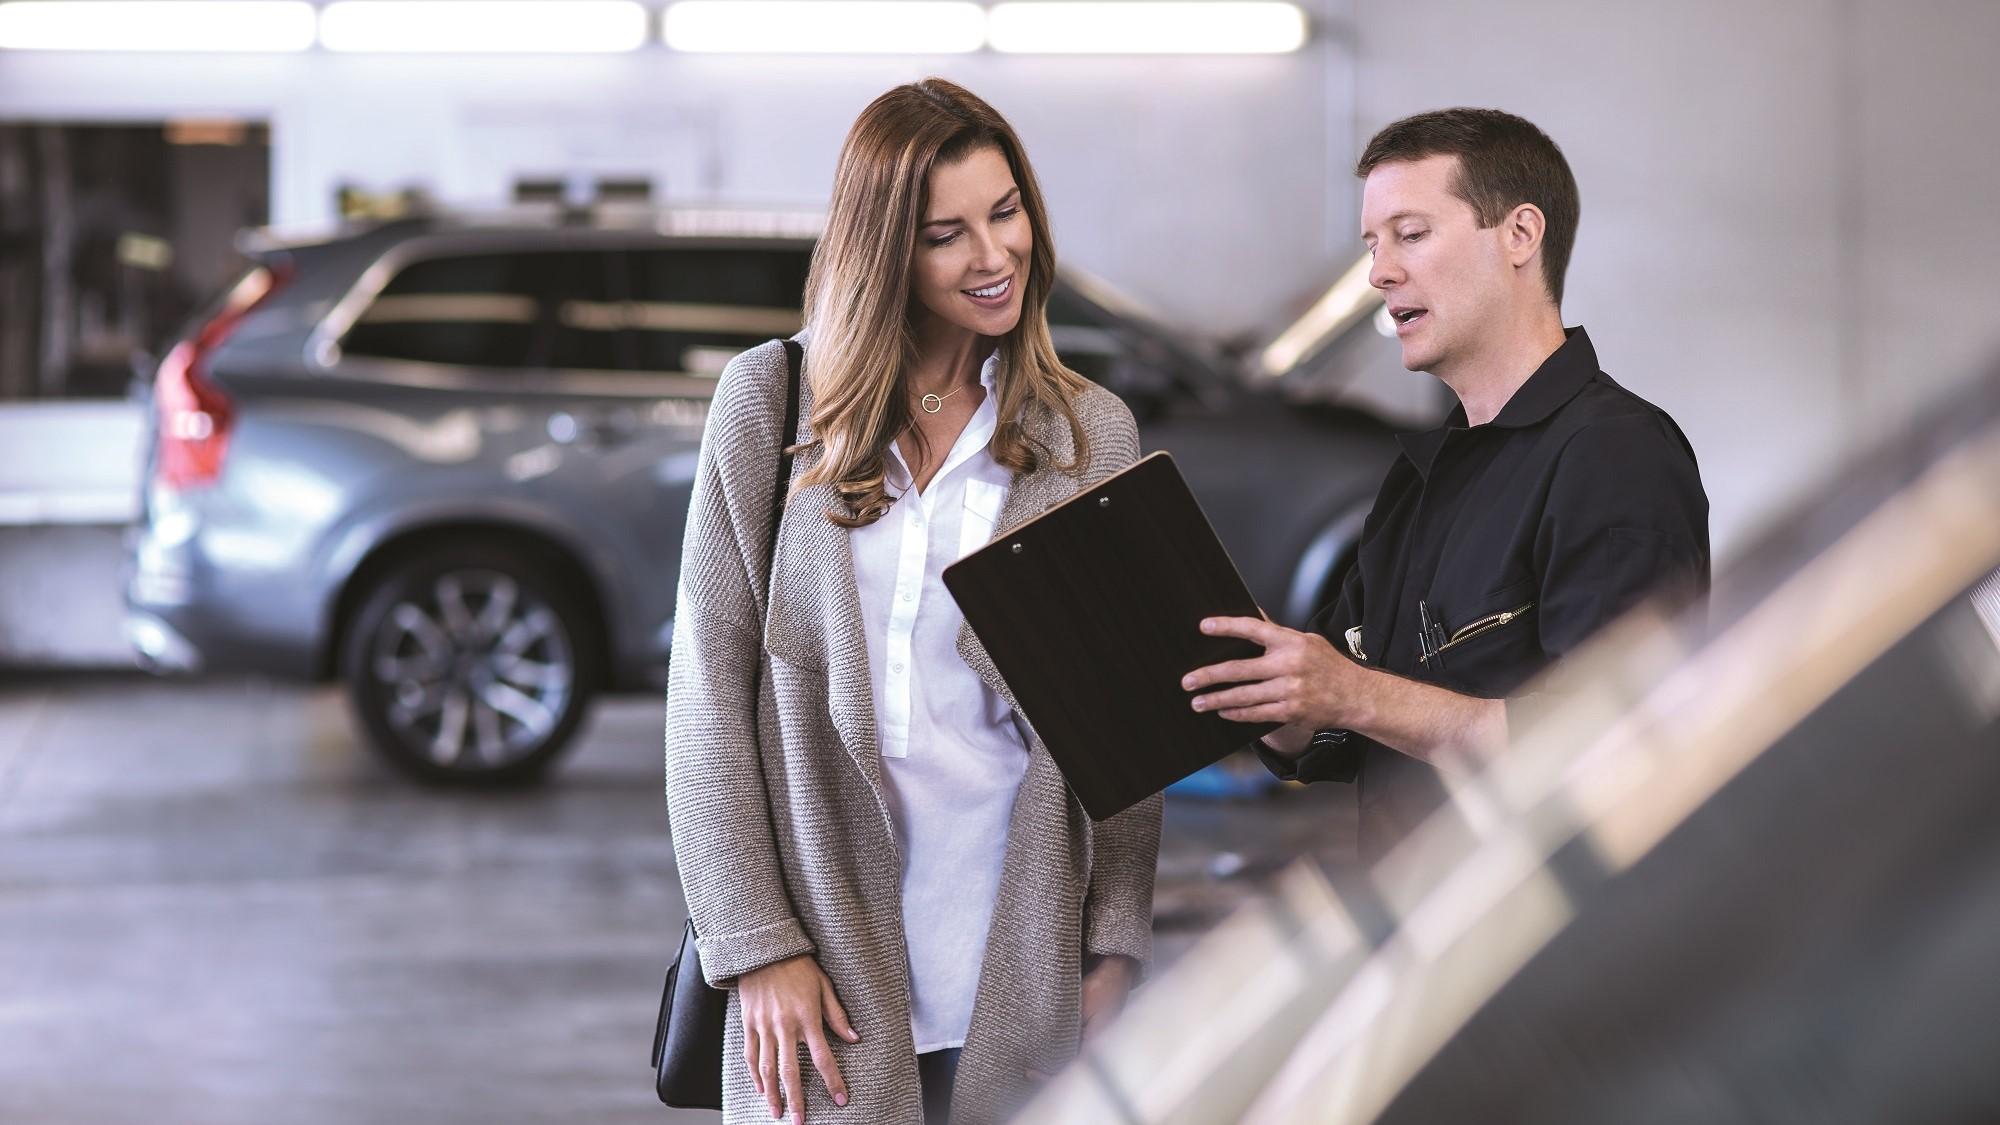 Нова програма лояльності для постгарантійних авто Volvo вже працює